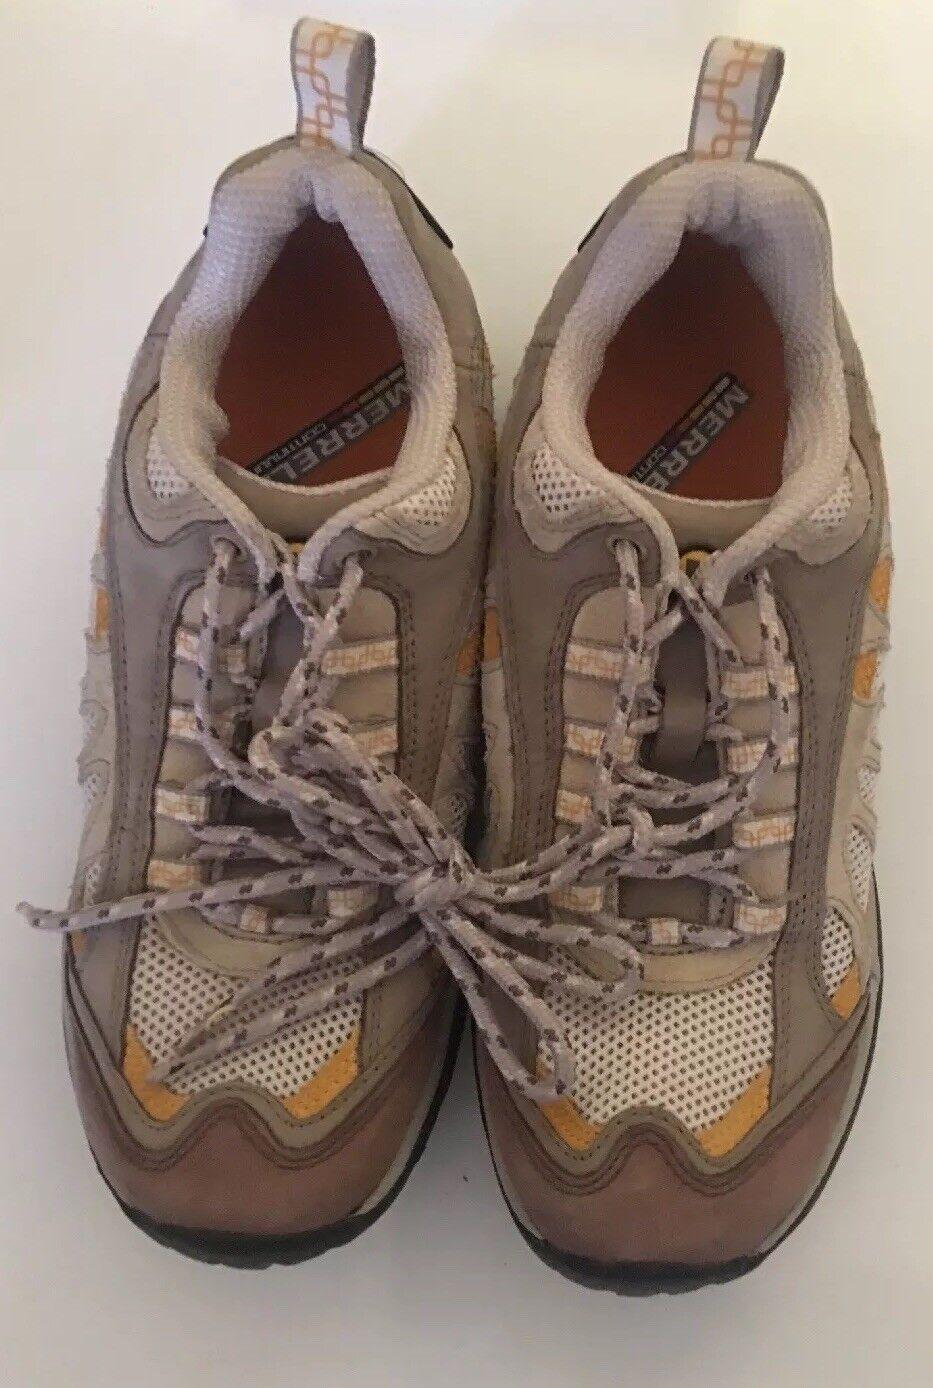 Merrell Mujer Siren Ventilador Senderismo Zapato,  J13064 Tan marrón  mostaza US Sz7  hasta un 70% de descuento